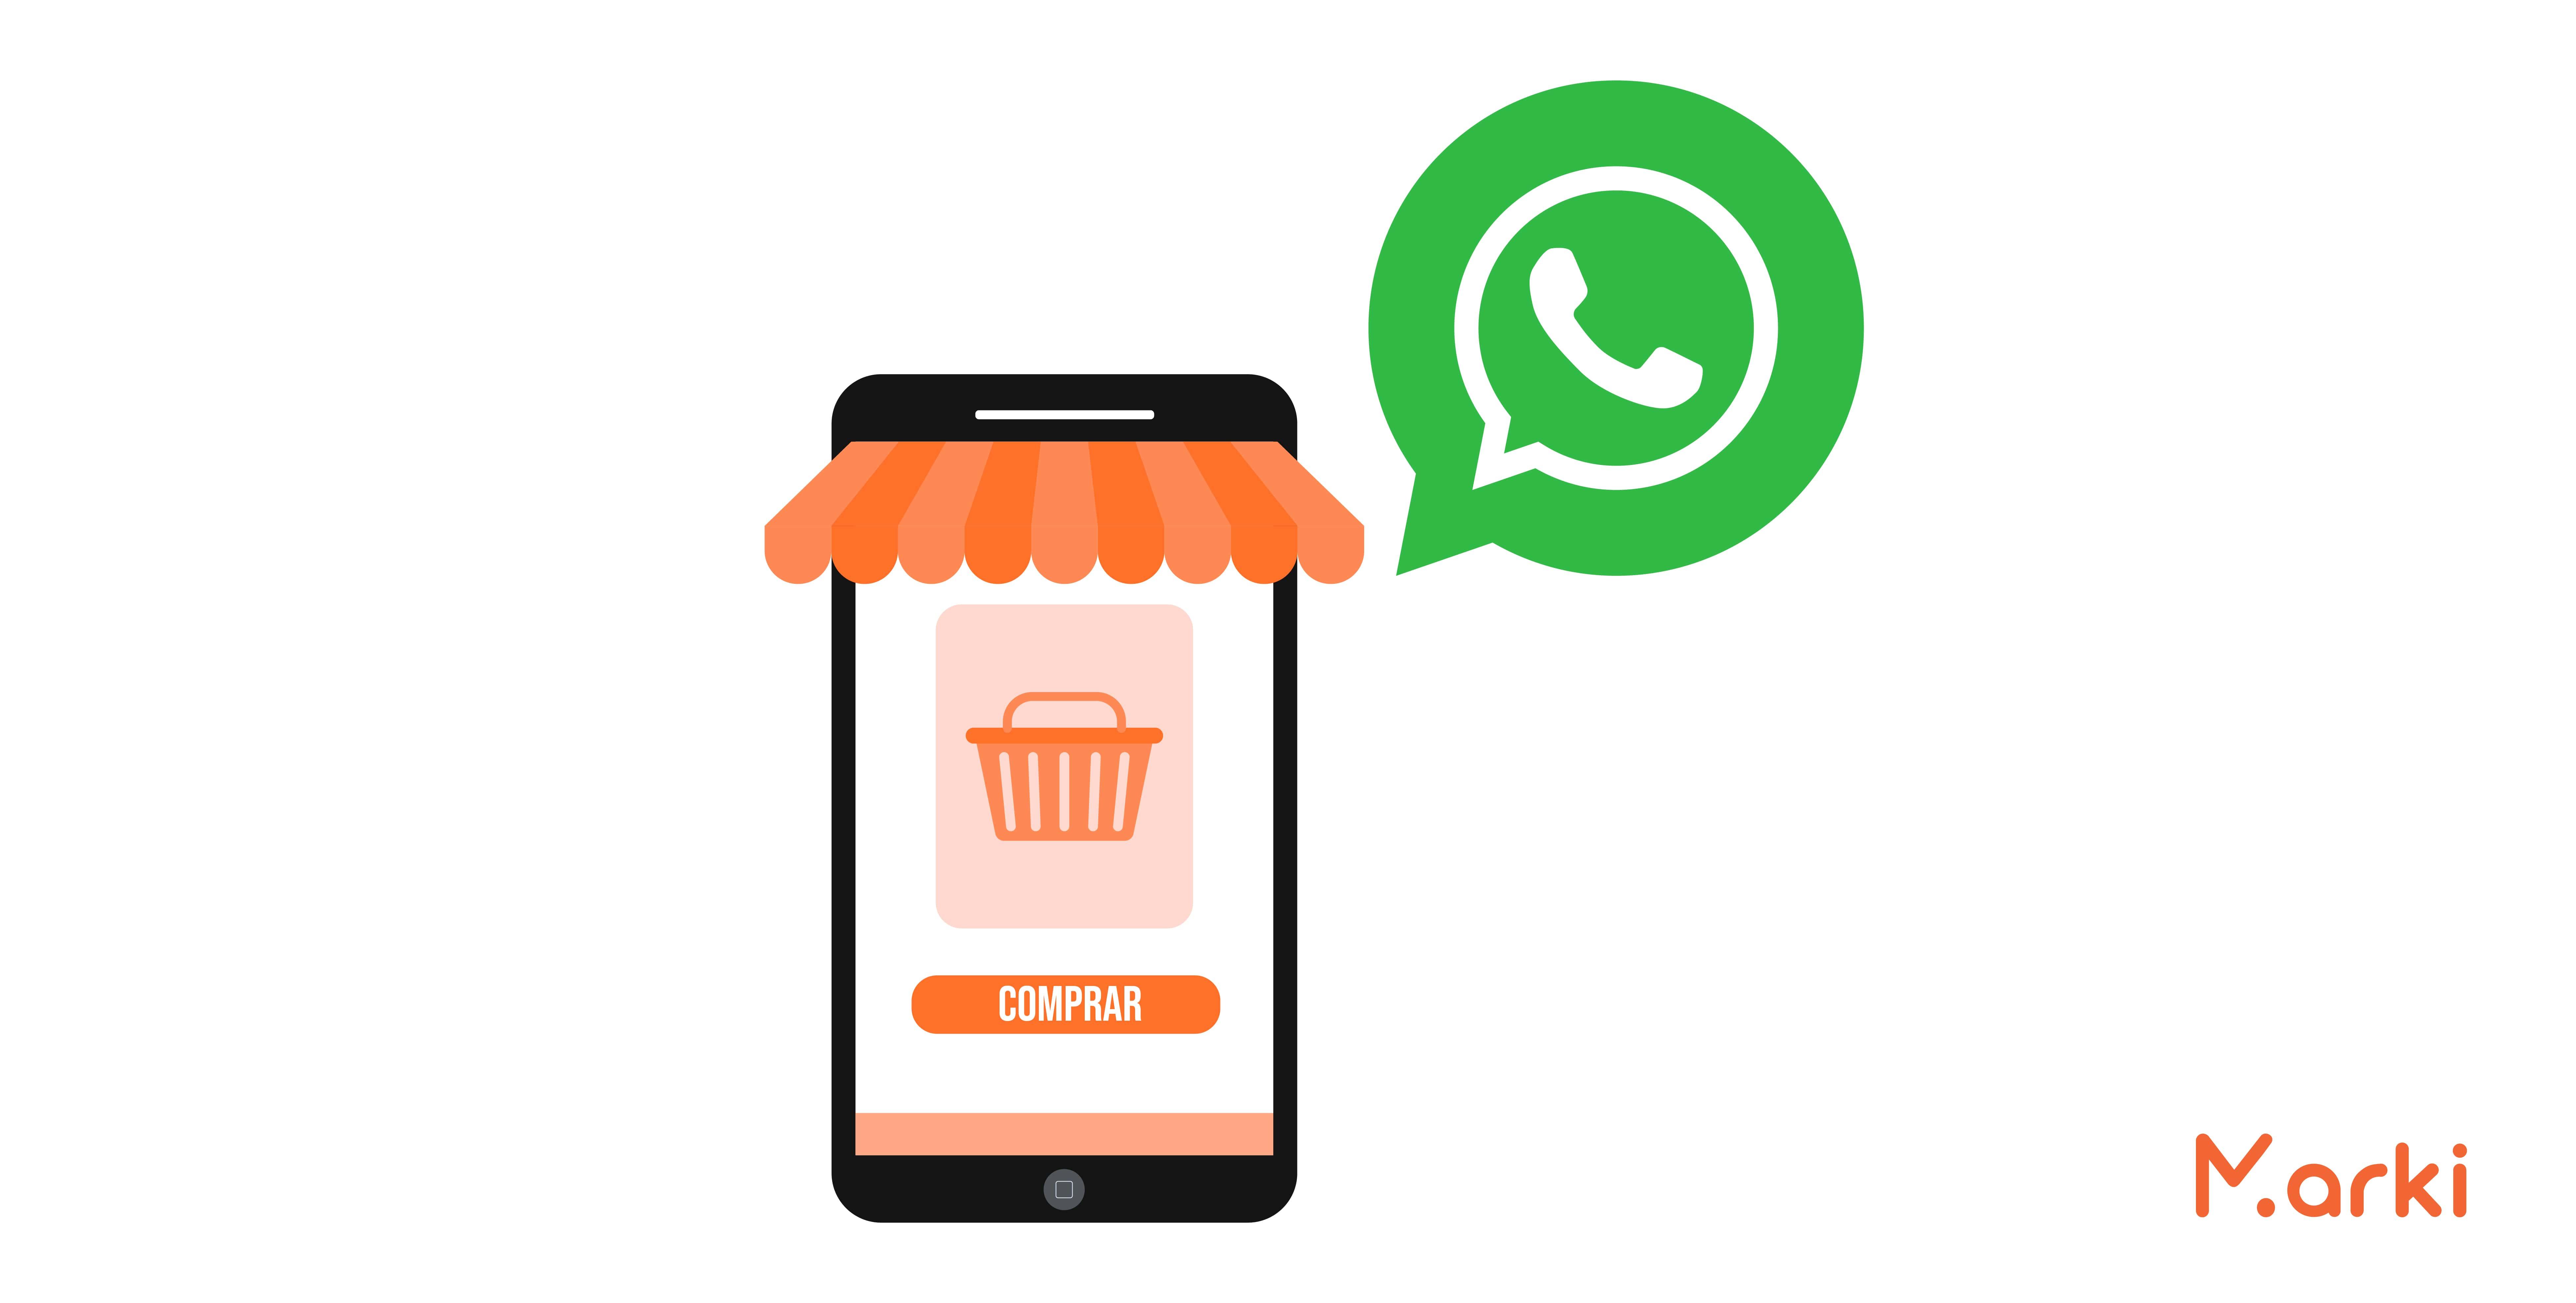 como usar whatsapp business como instalar whatsapp business whatsapp business para que sirve que es el whatsapp business voluntarios universitarios voluntariado peru Voluntariado online capacitacion de marketing digital voluntariado marki